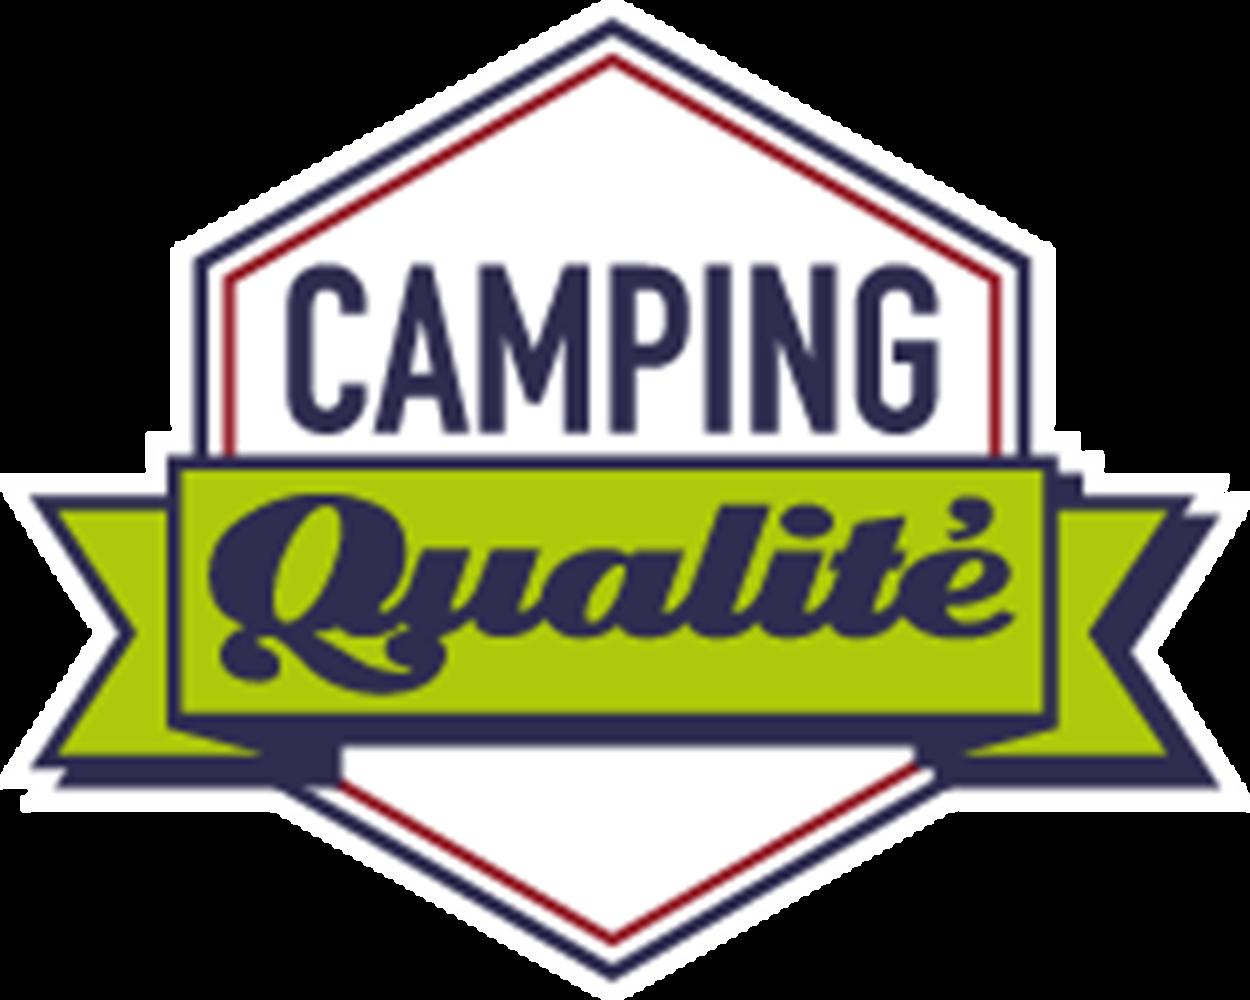 Le camping est labellisé Camping Qualité ©